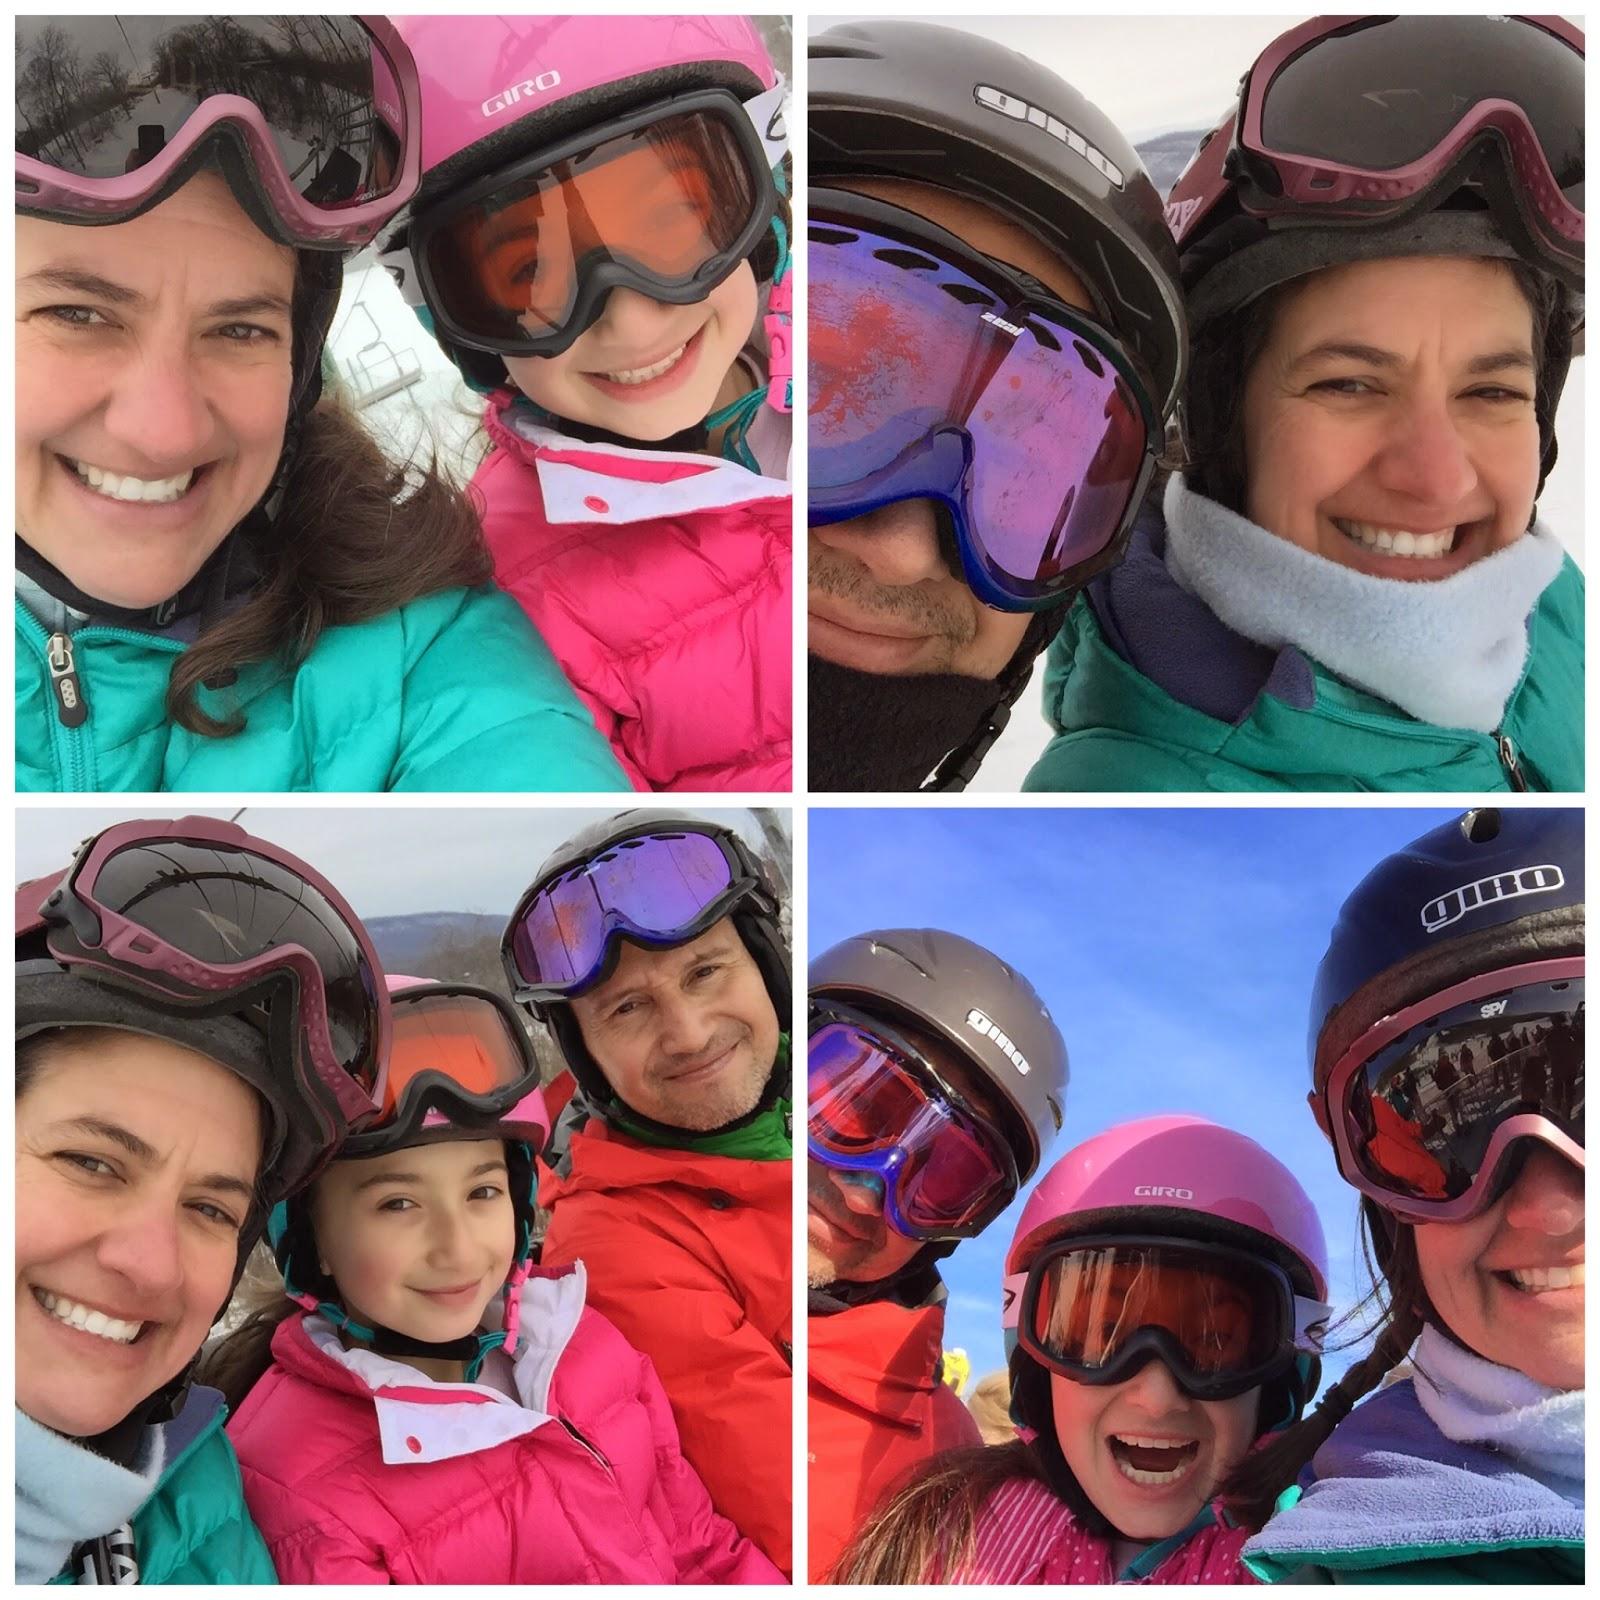 ski selfies